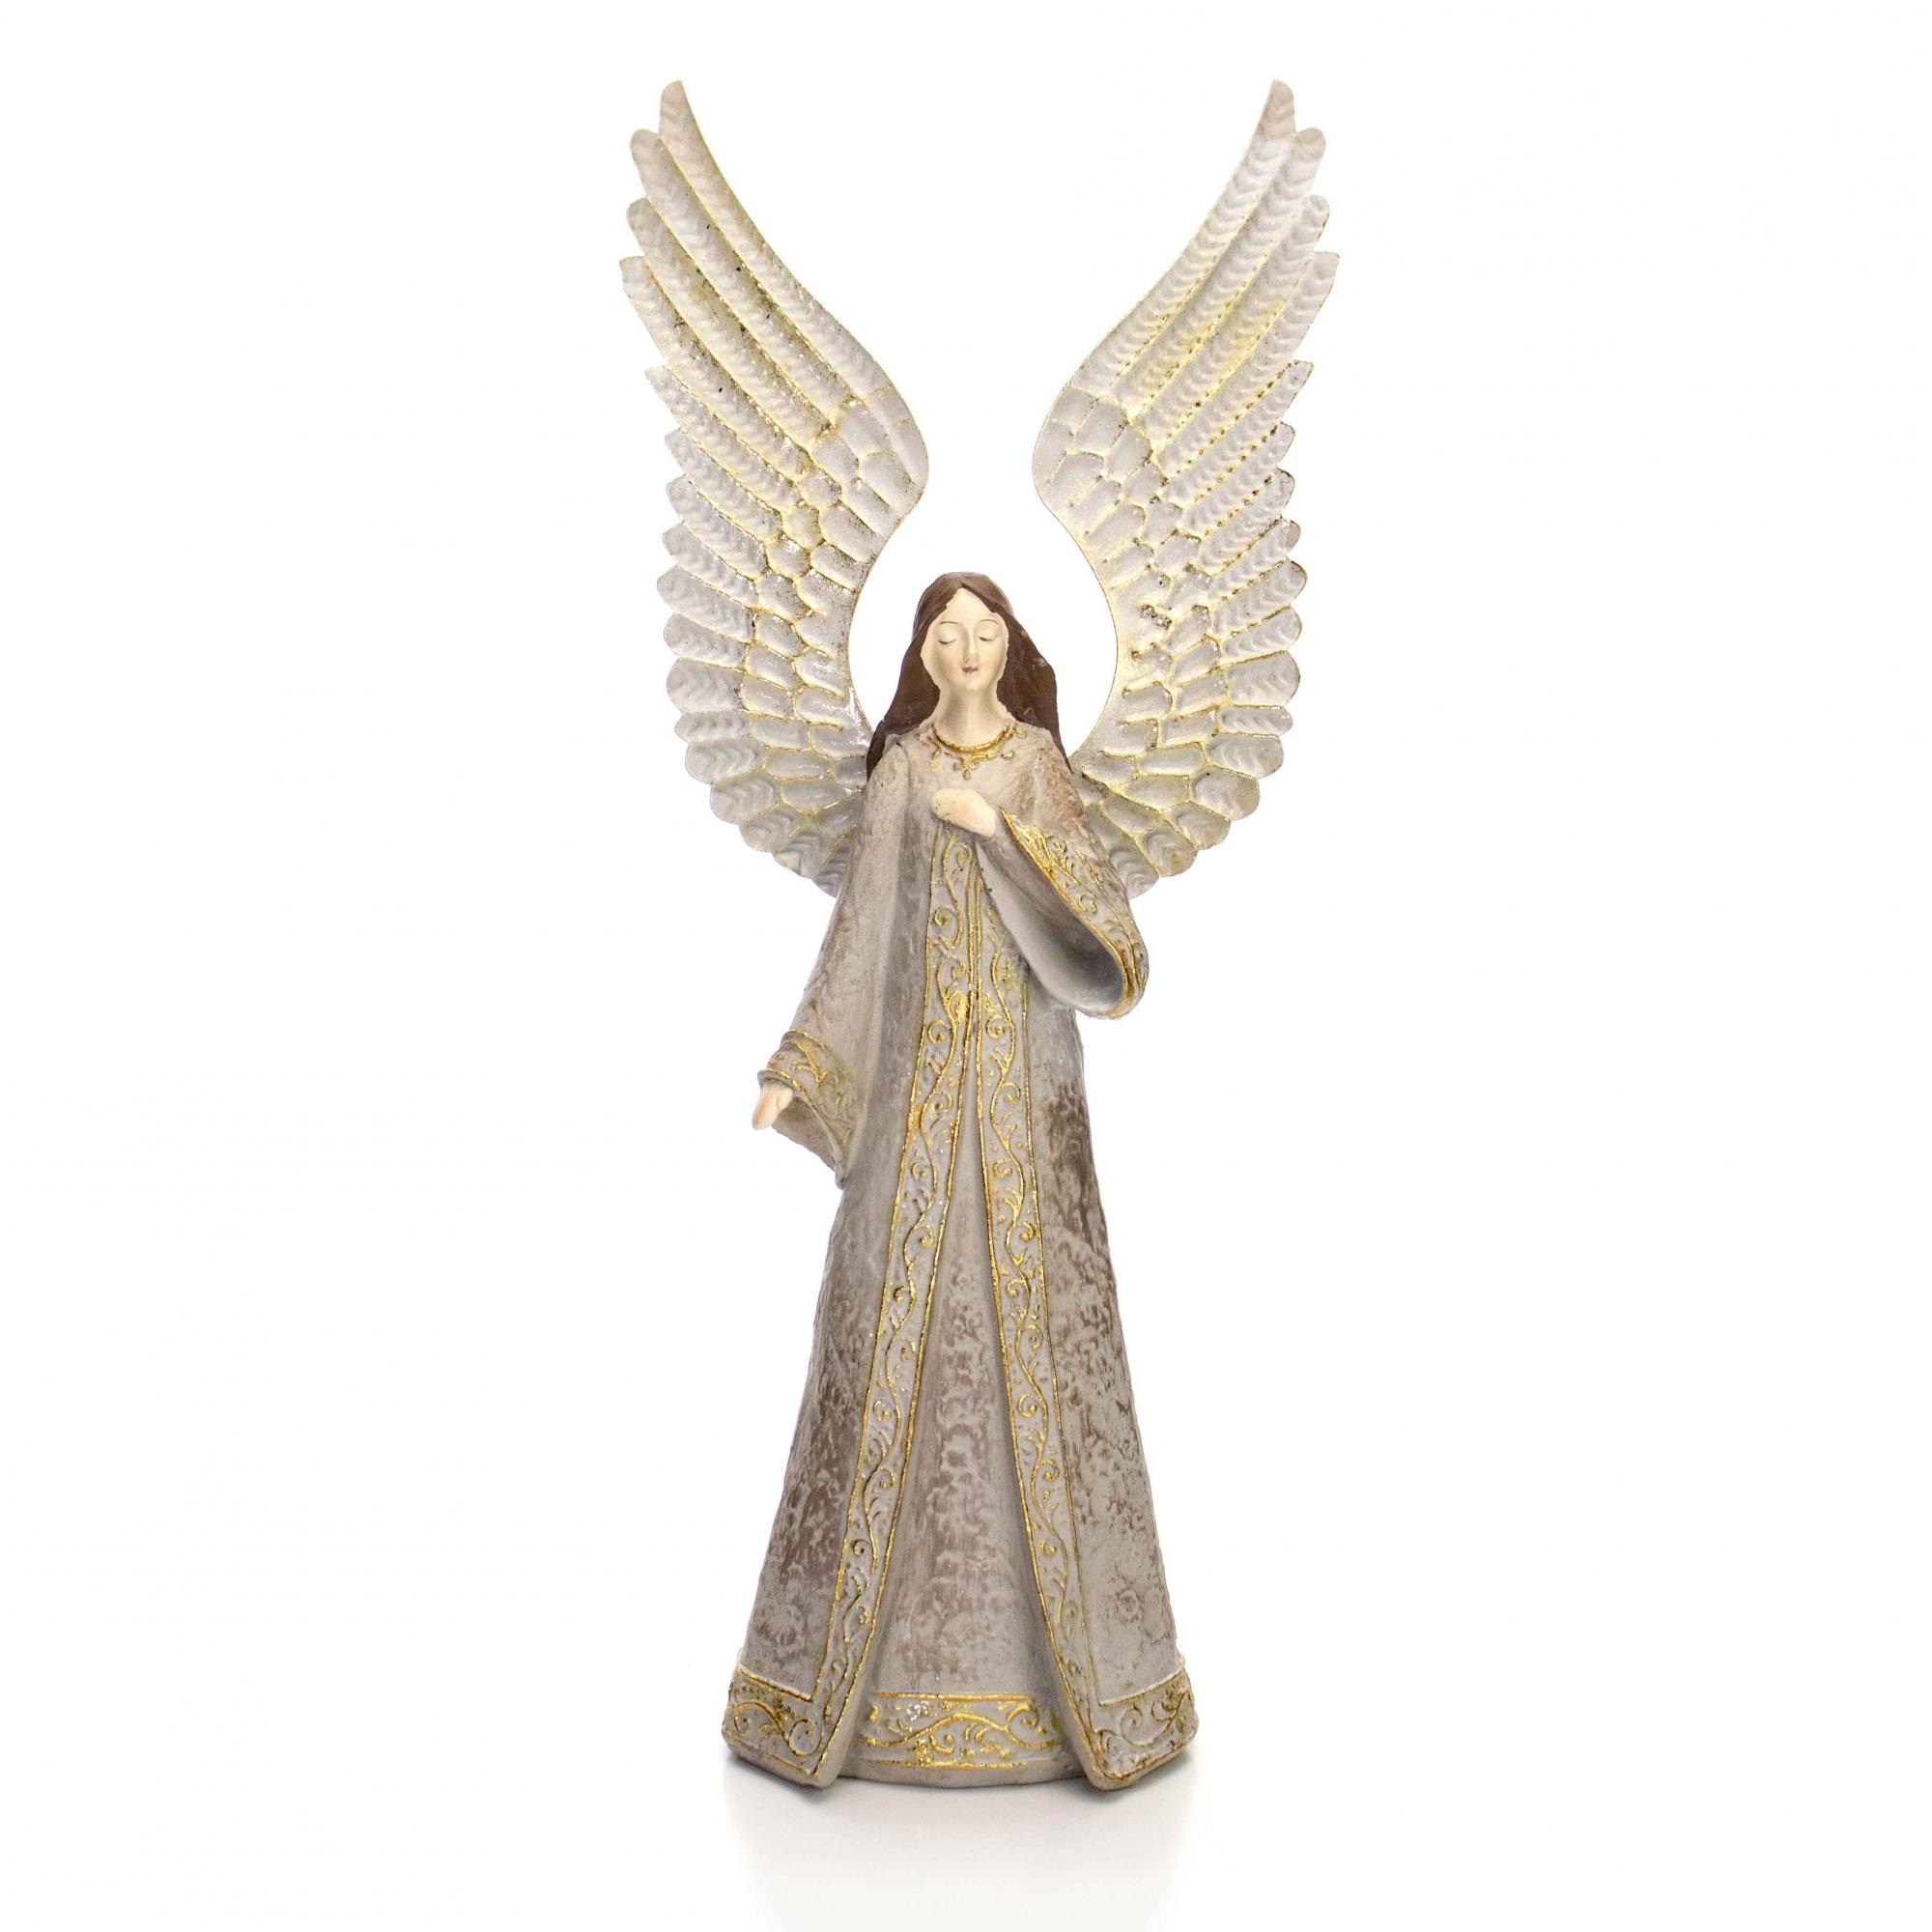 Enfeite Decorativo Anjo de Natal Bege e Dourado com Asa em Metal 39 cm - D'Rossi